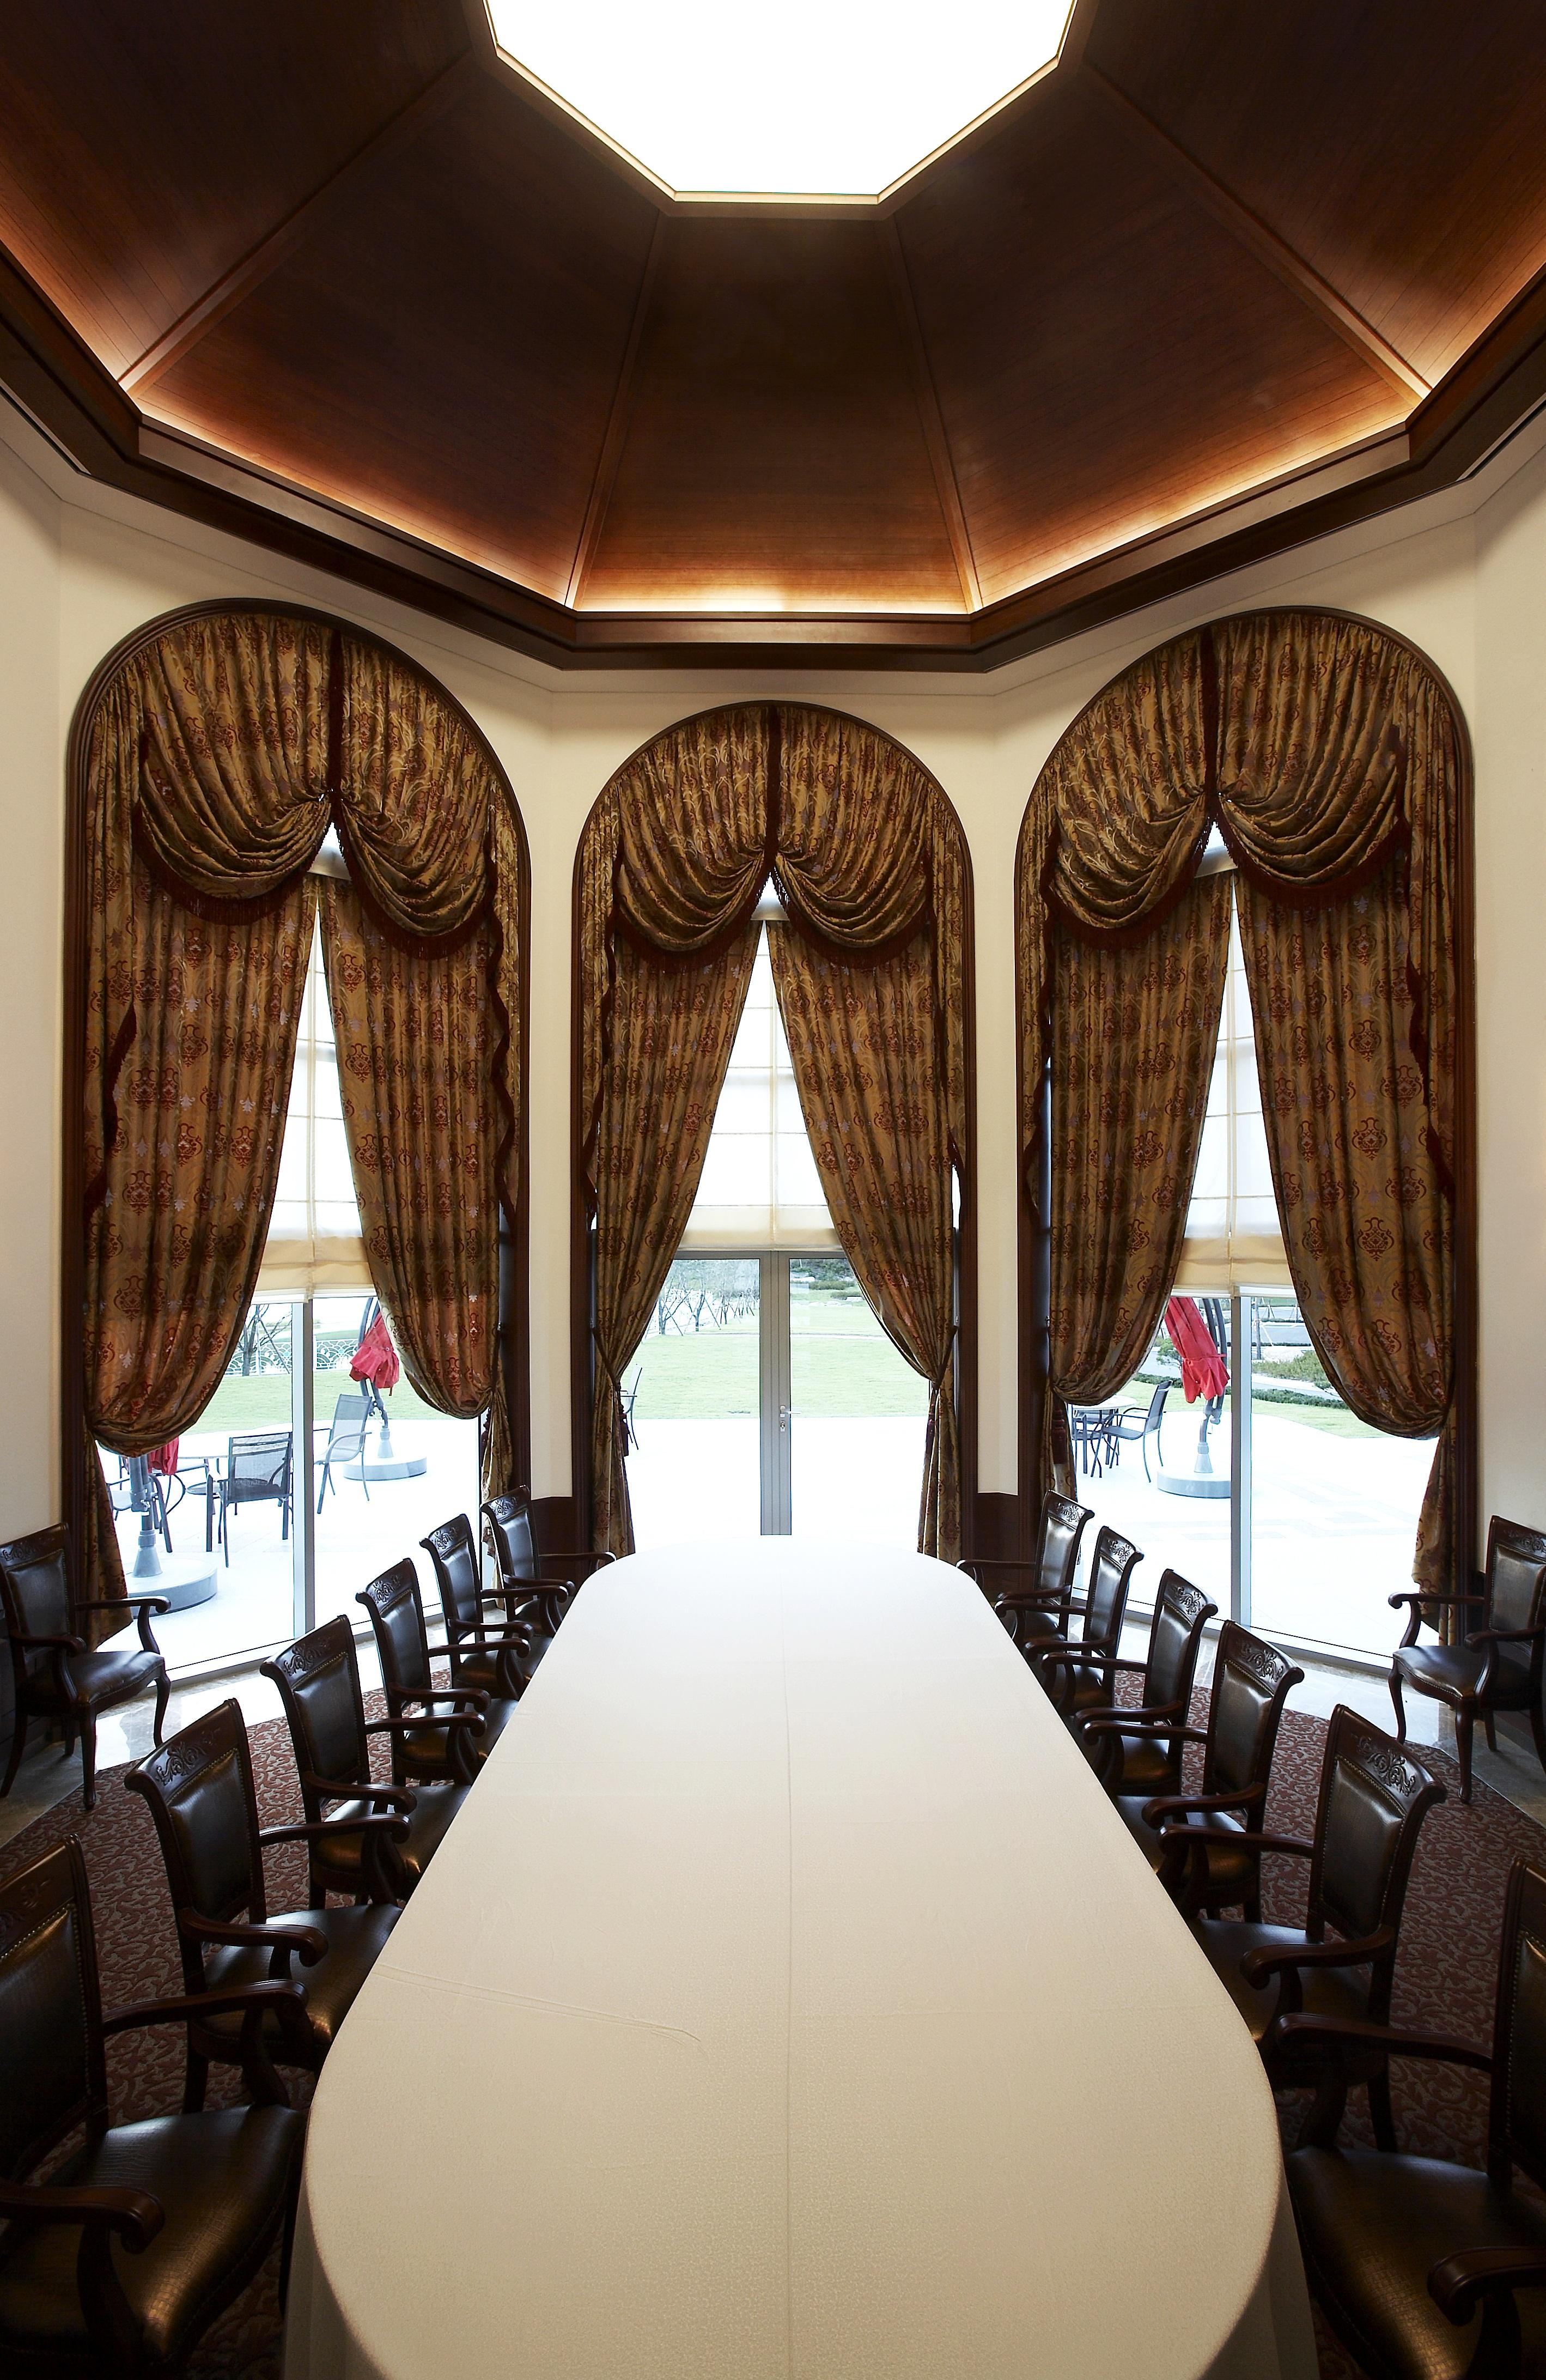 Kostenlose foto : Innere, Restaurant, Bau, Drinnen, Vorhang ...